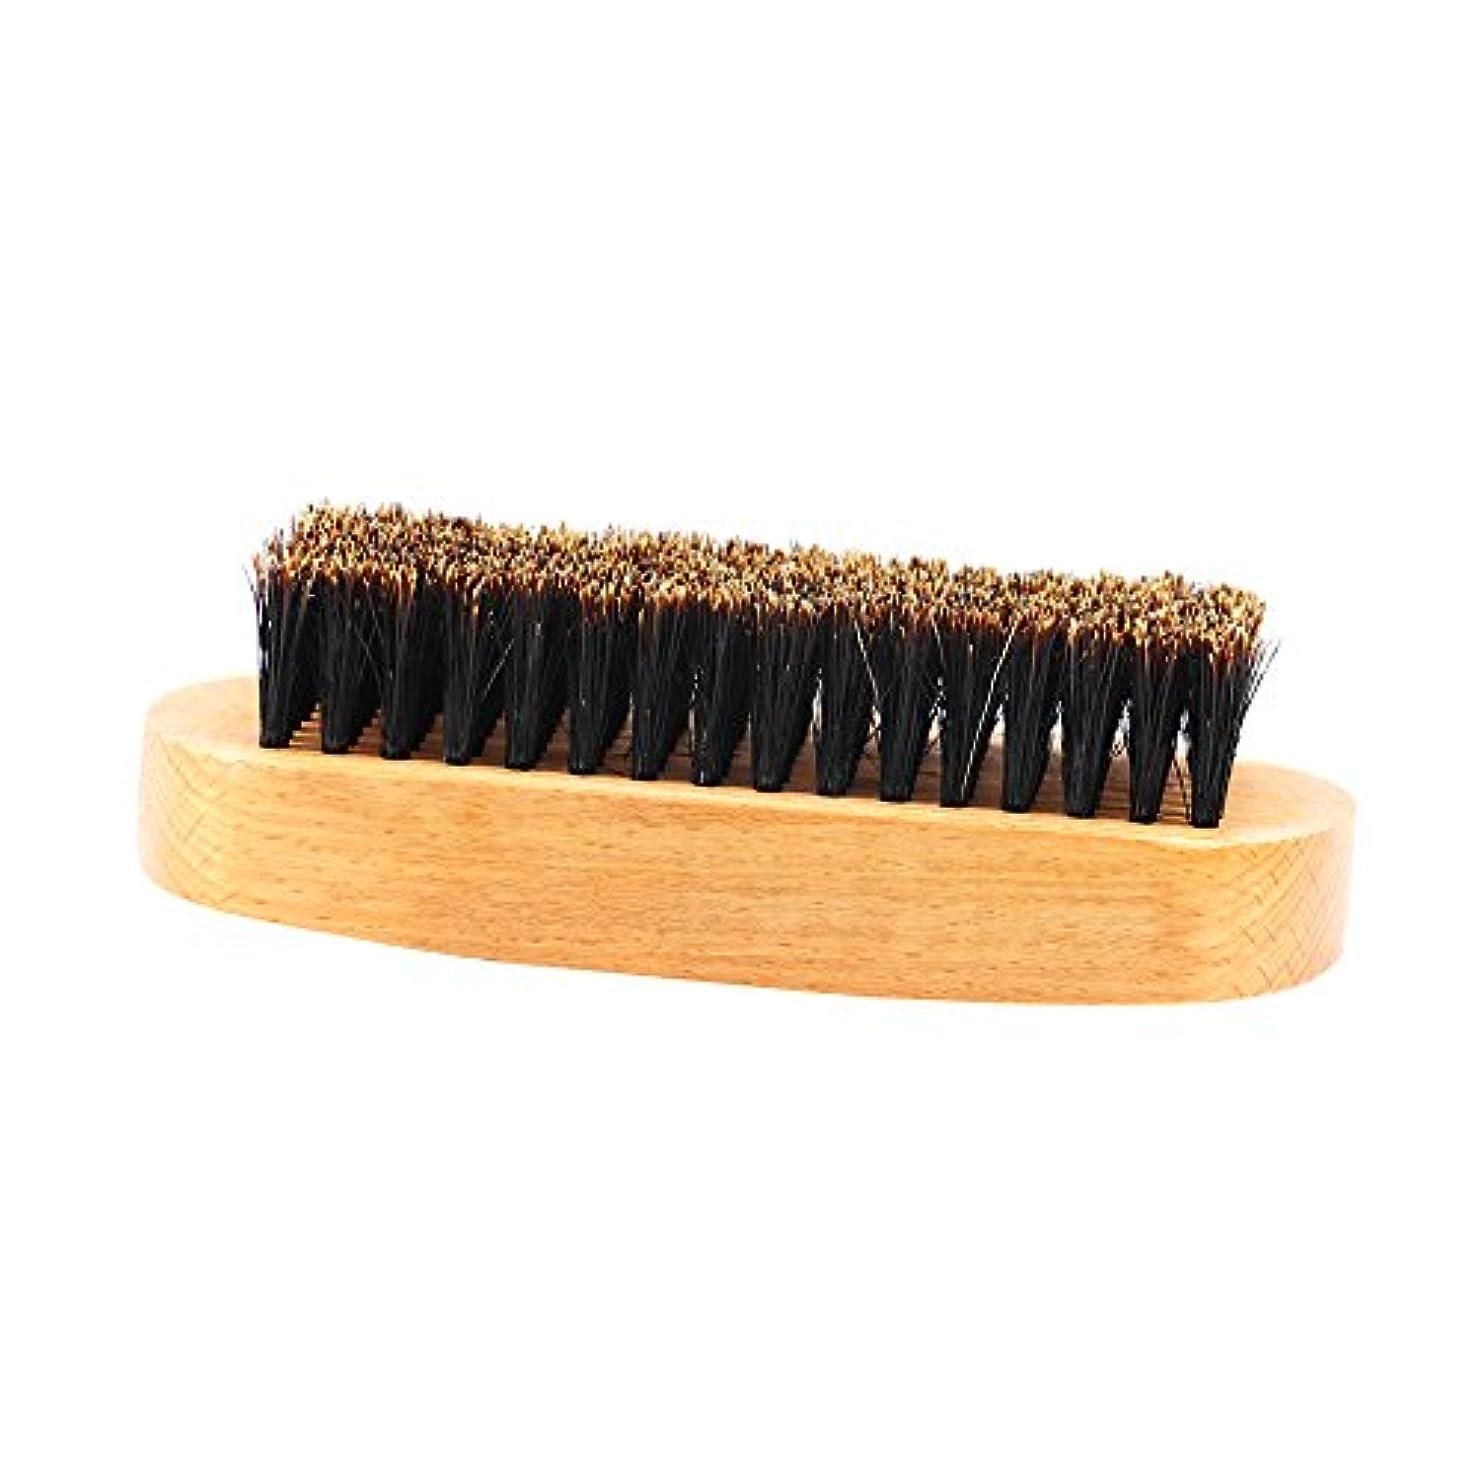 ハム腹用語集CUTICATE 人の口ひげのスタイリングの手入れをすることのための木のハンドルのひげのブラシのイノシシの剛毛 - #1